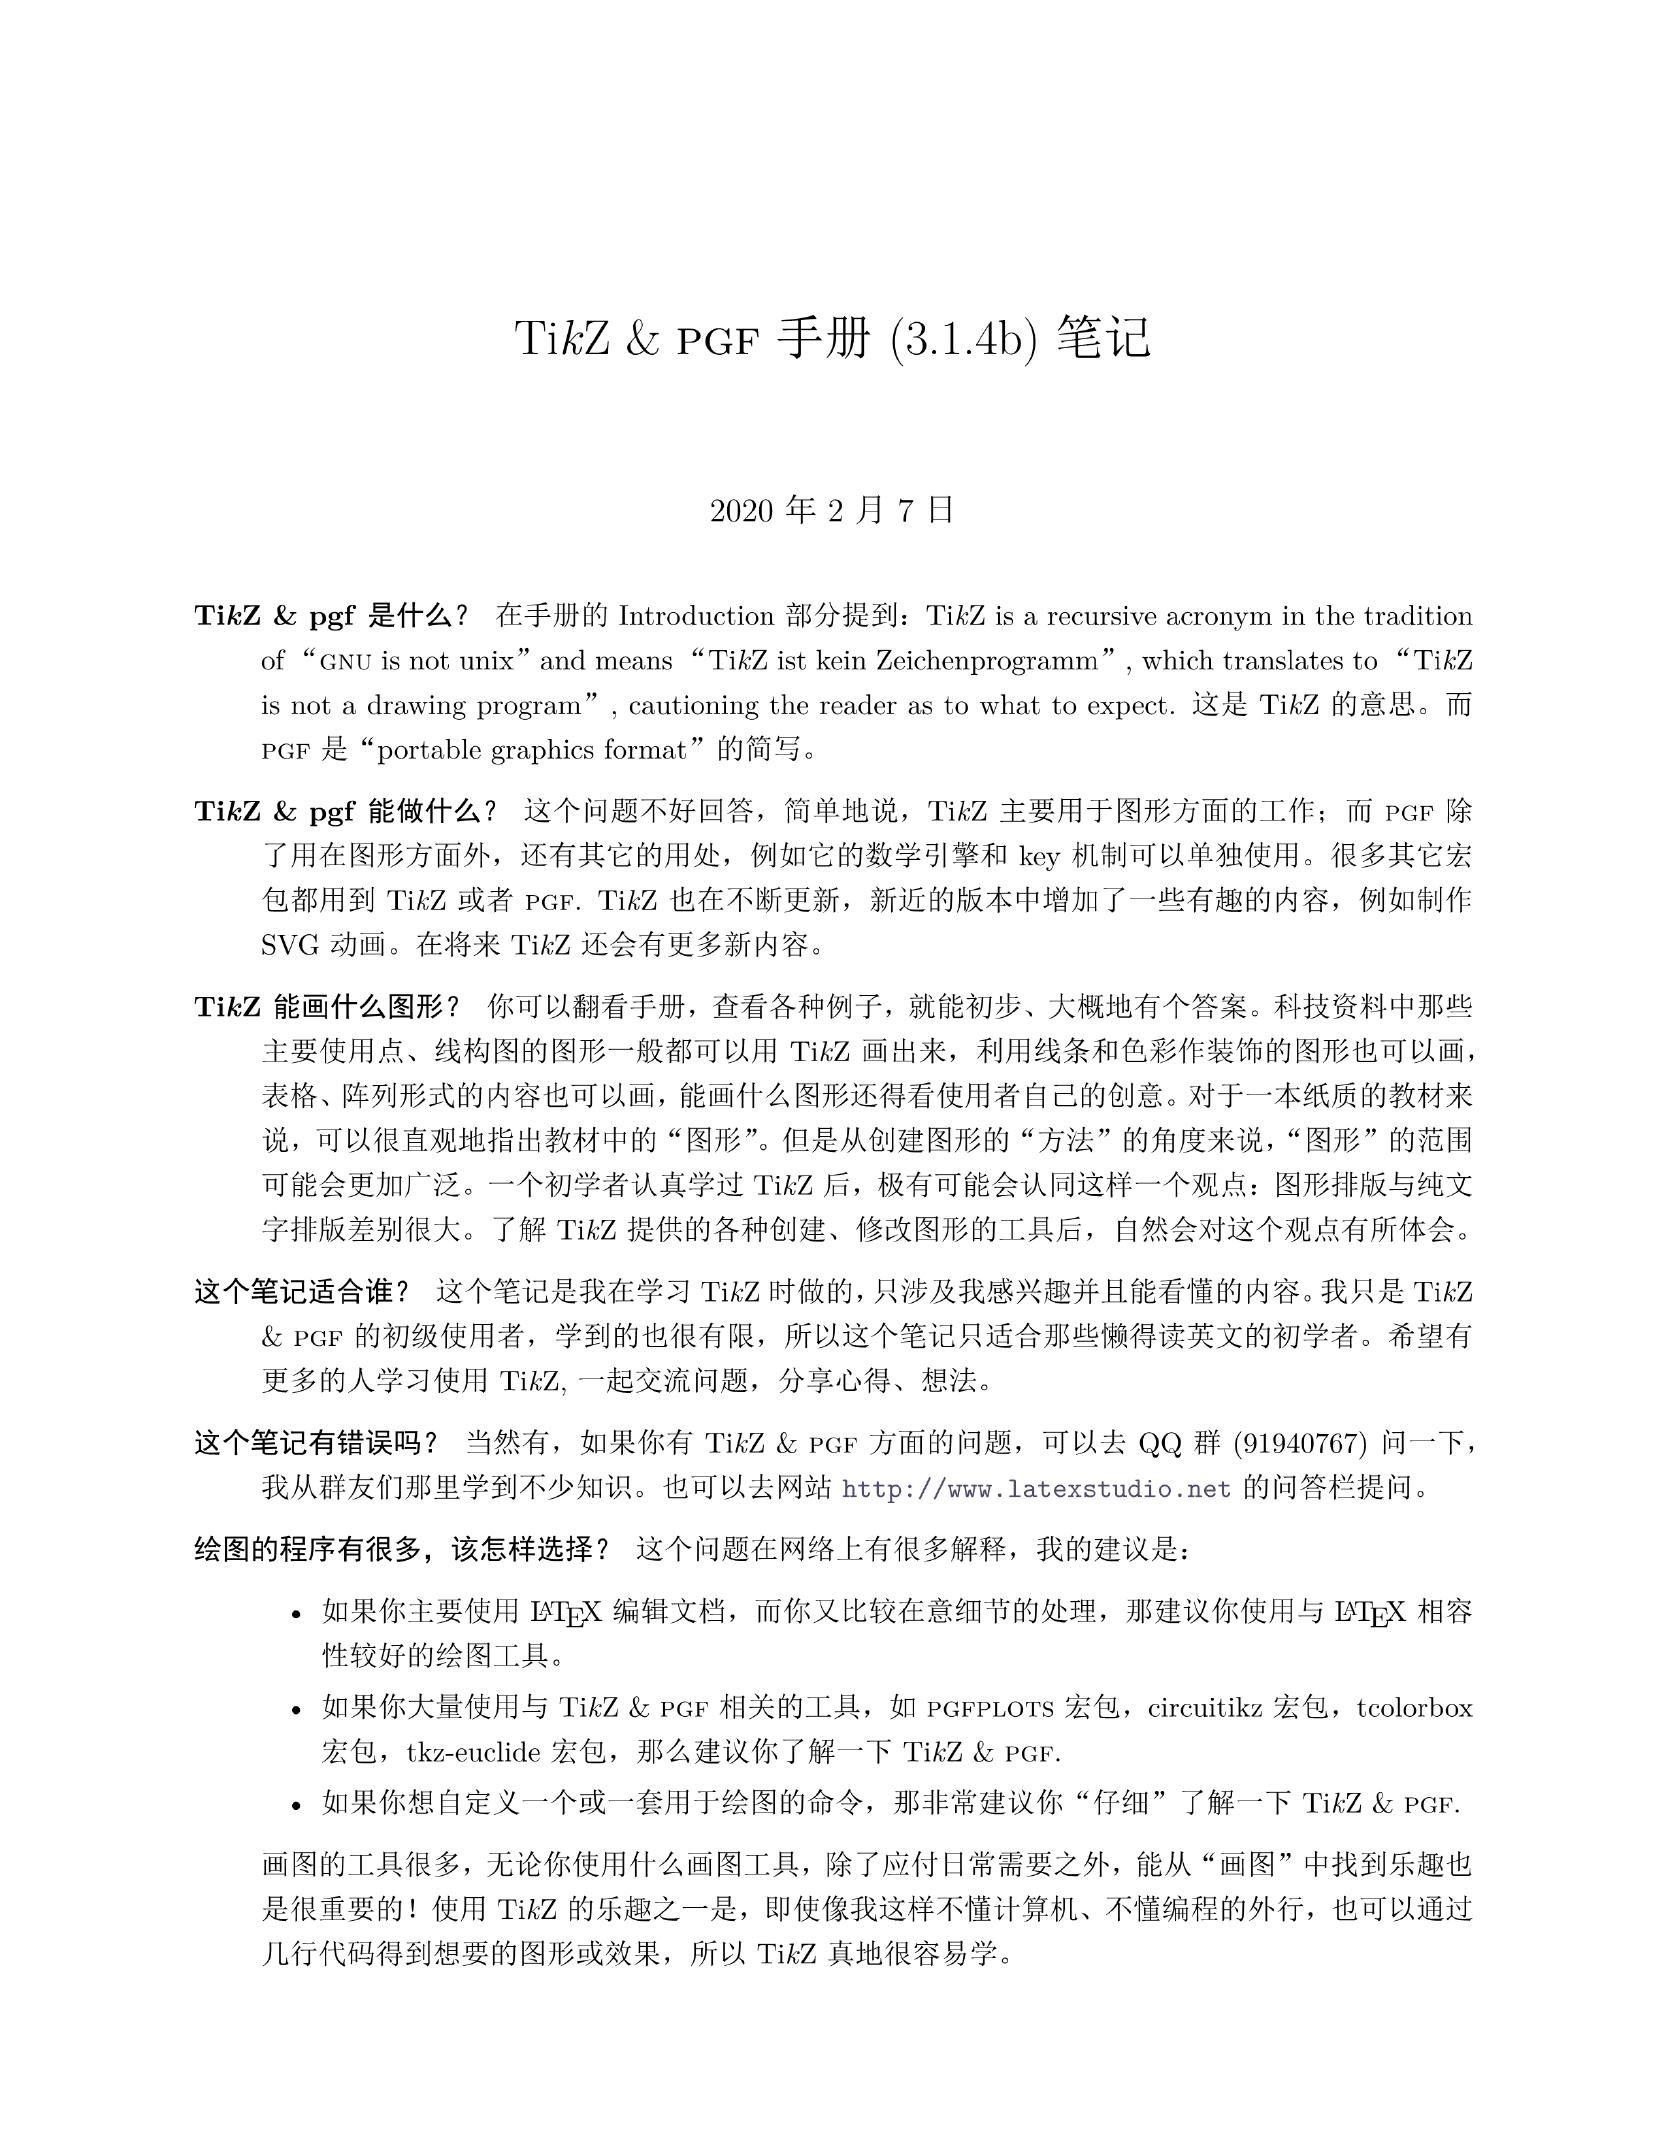 TiKZ 學習筆記更新了 - 版本 3.1.5b 發布了